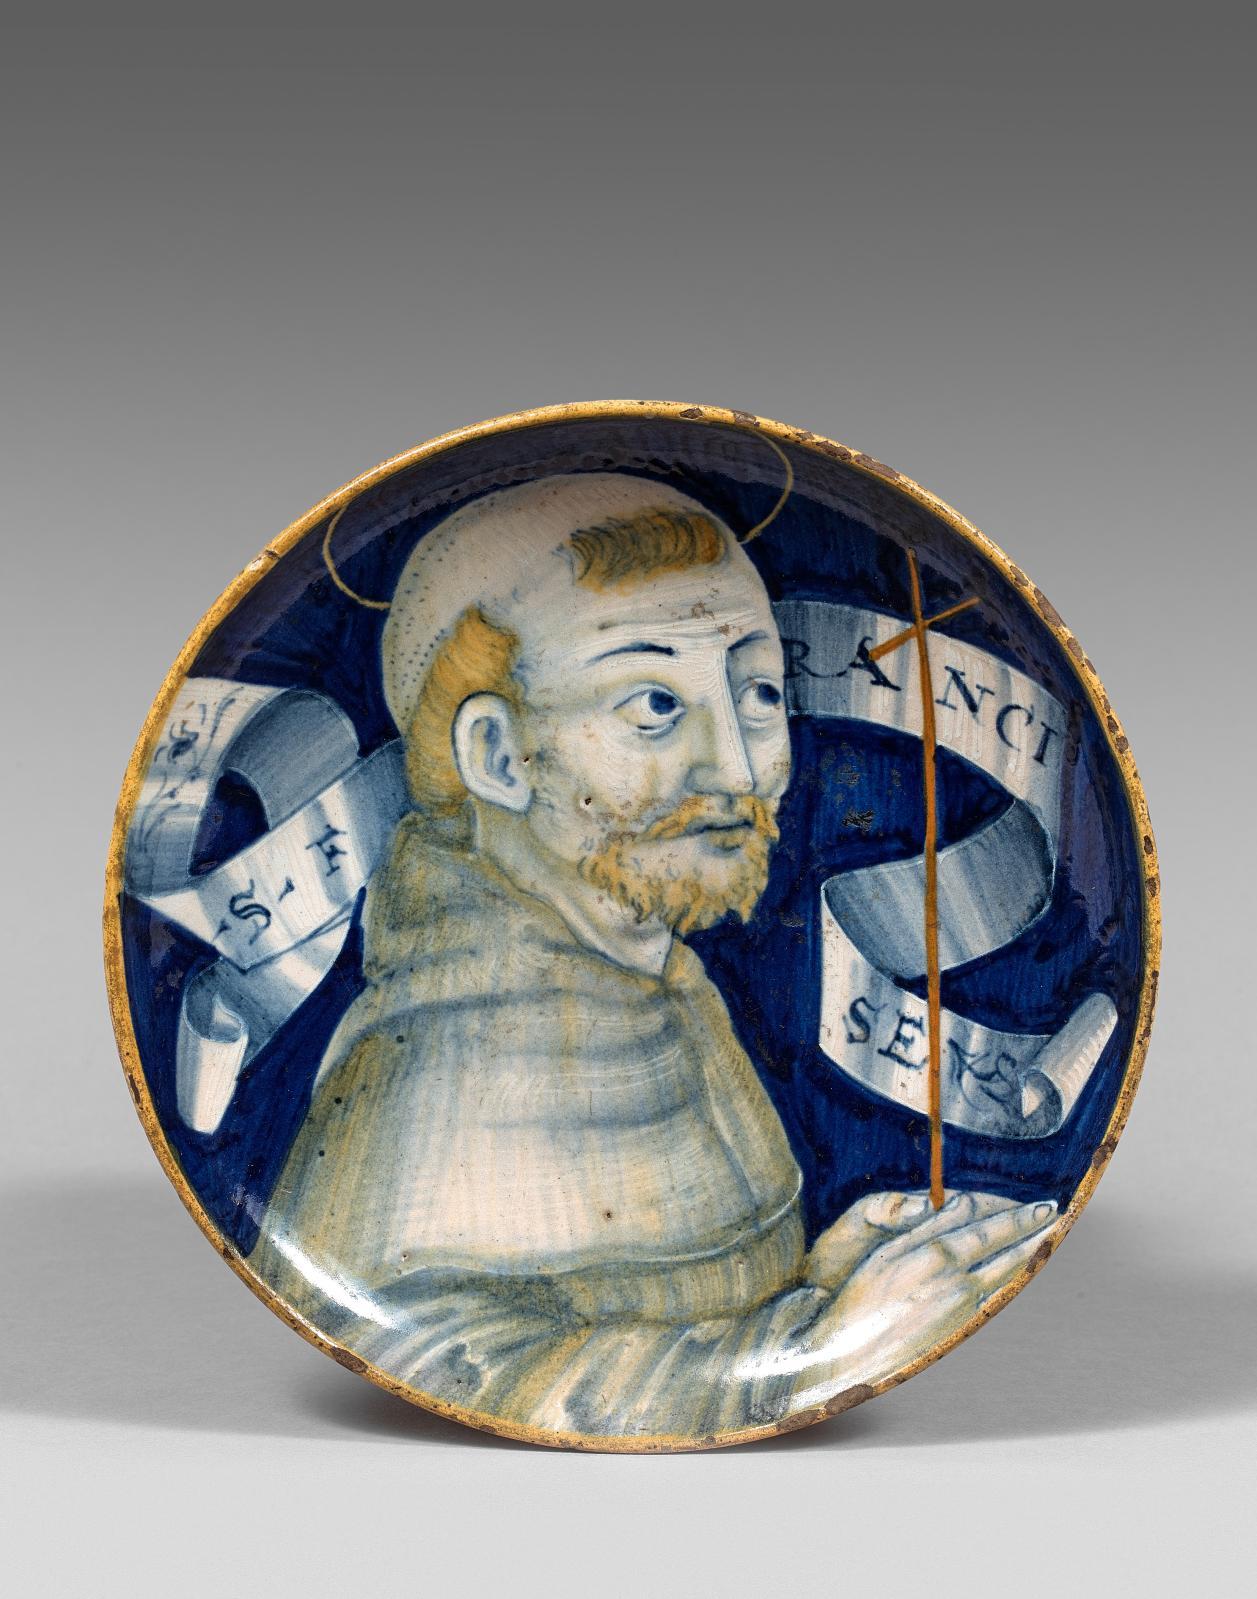 Casteldurante ou duché d'Urbino, vers 1525-1530. Coupe ronde à petit piédouche, décor polychrome du buste de trois quarts d'un moine, inscription: «S